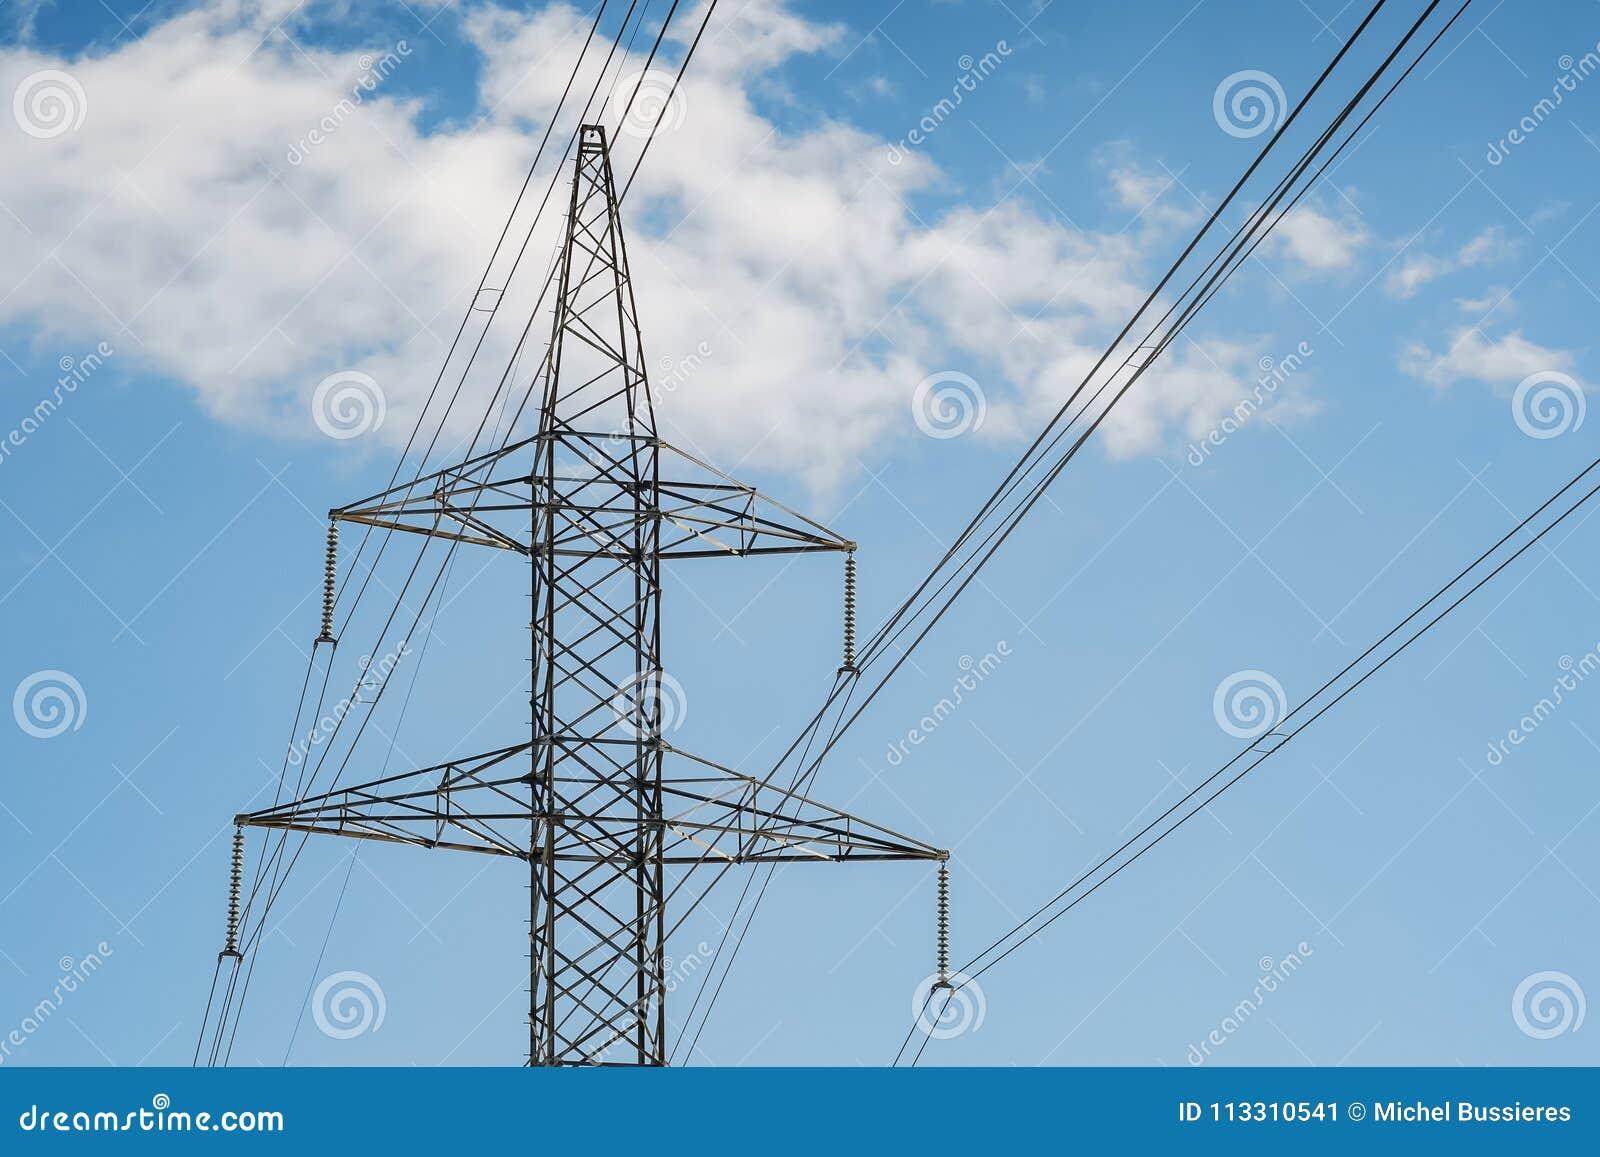 Elektrotorenpyloon en draden op een blauwe hemel met wolken